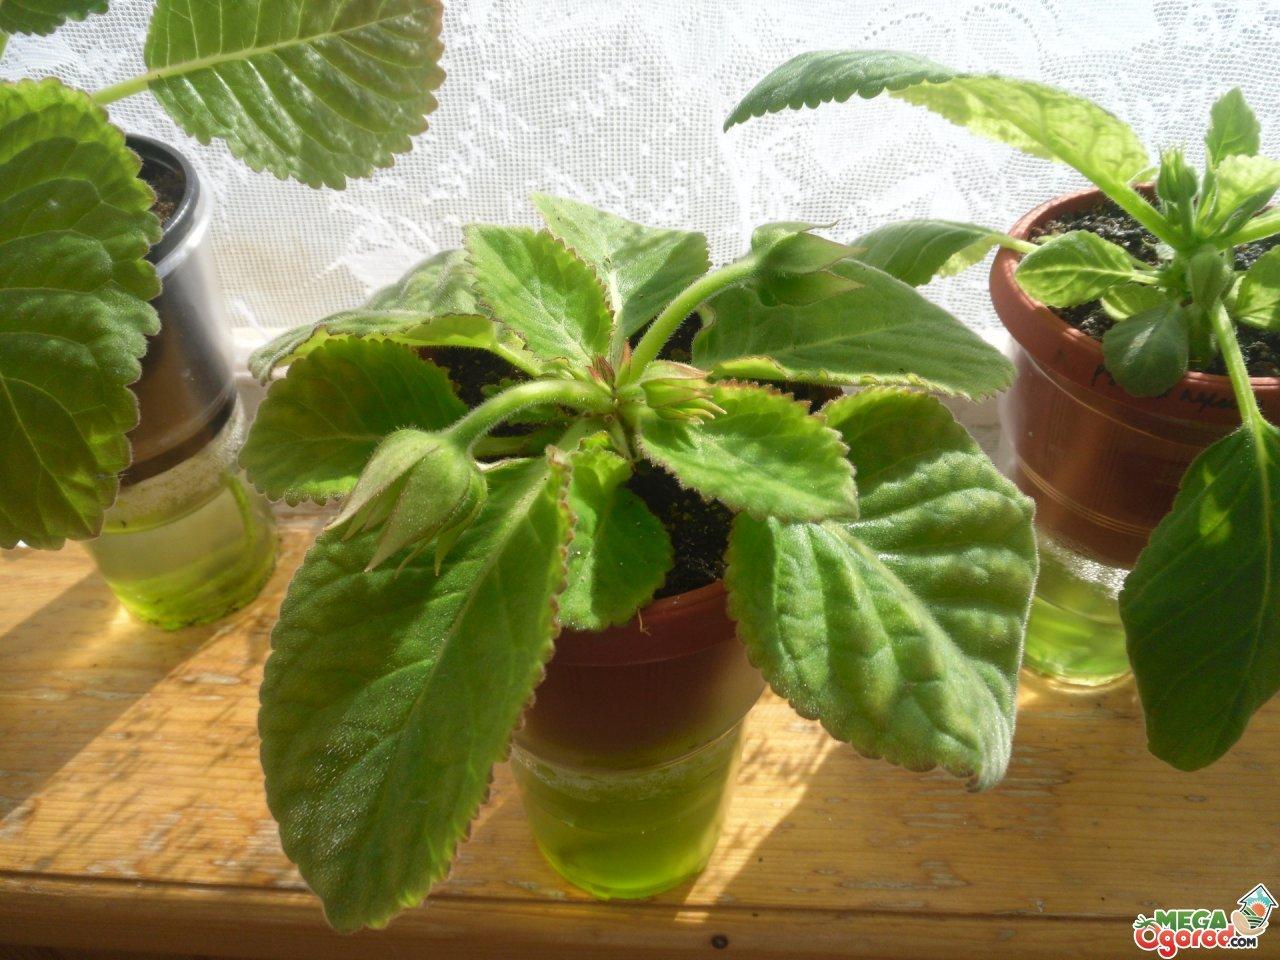 Правильное выращивание глицинии из семян: подготовка, посадка, уход 723